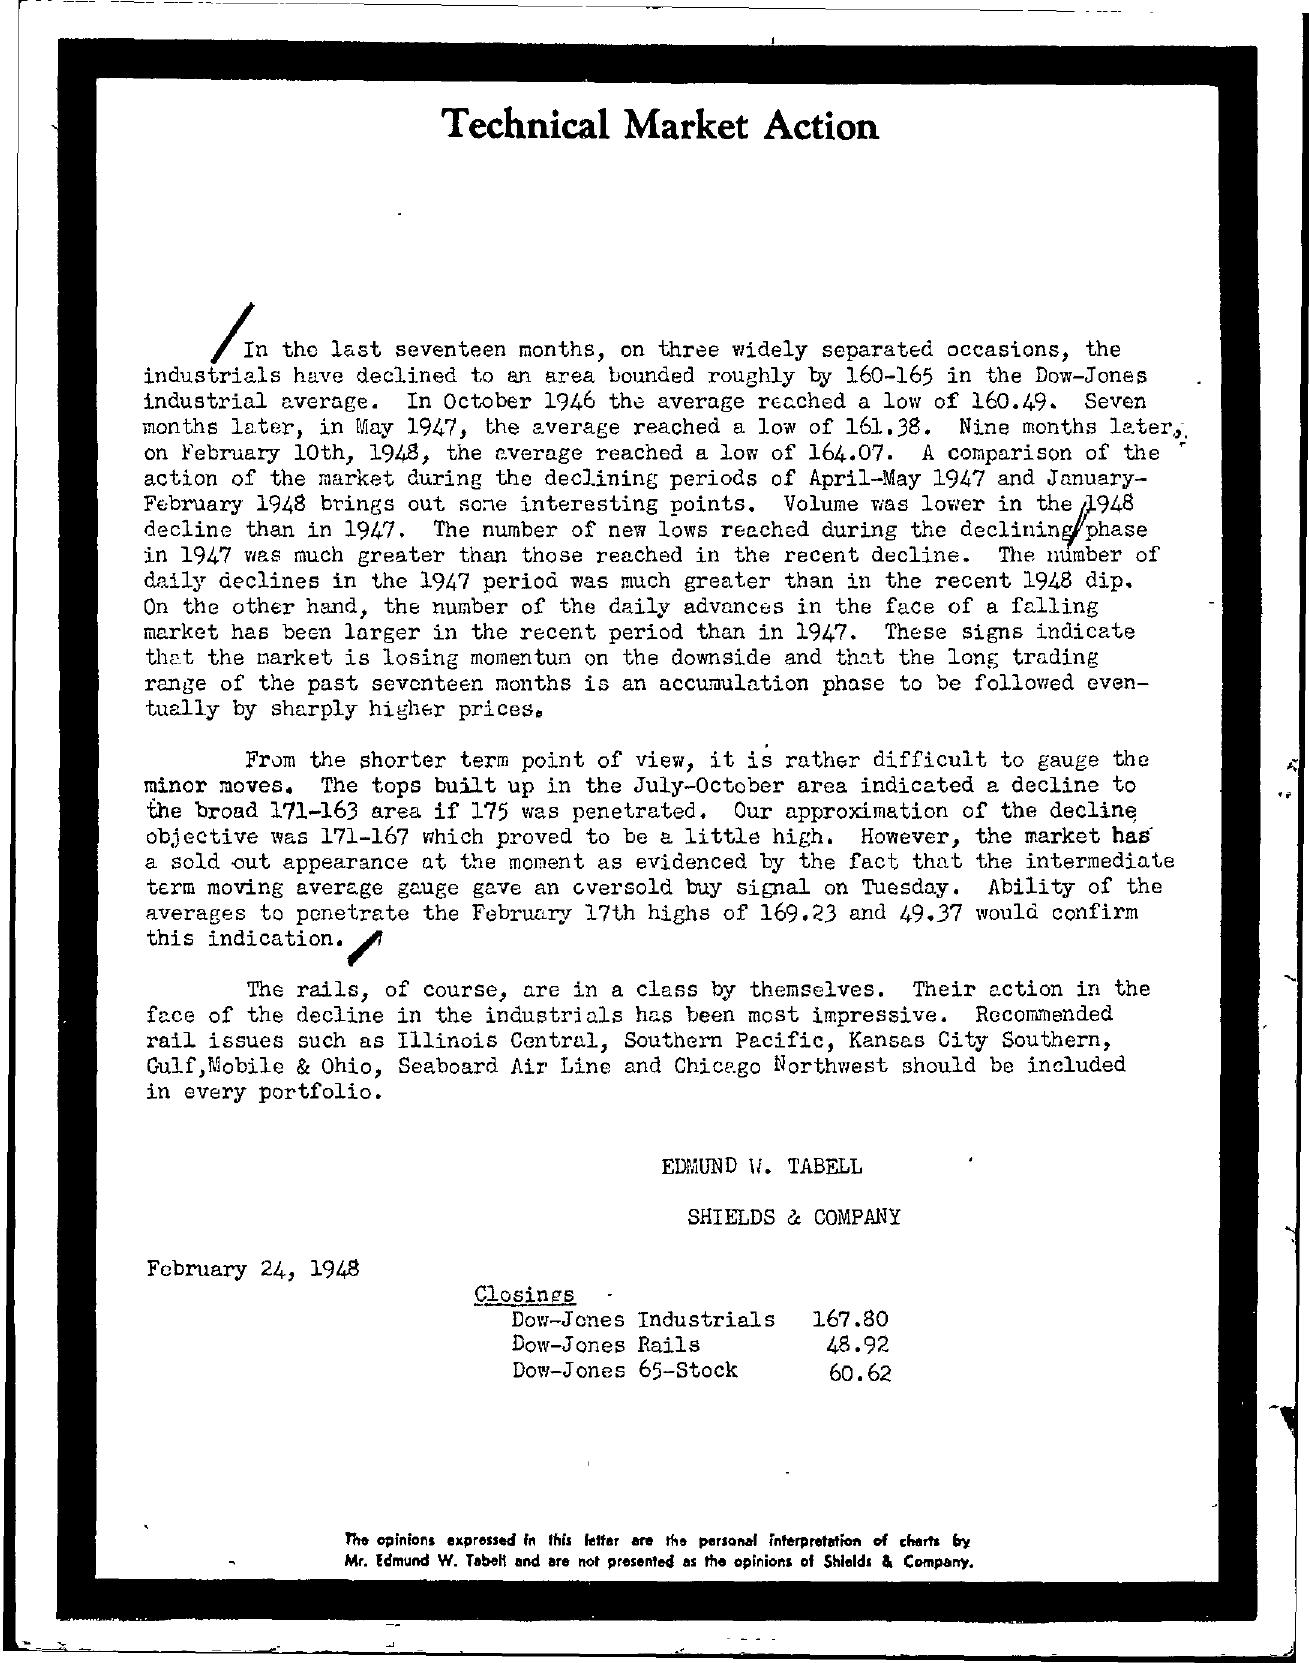 Tabell's Market Letter - February 24, 1948